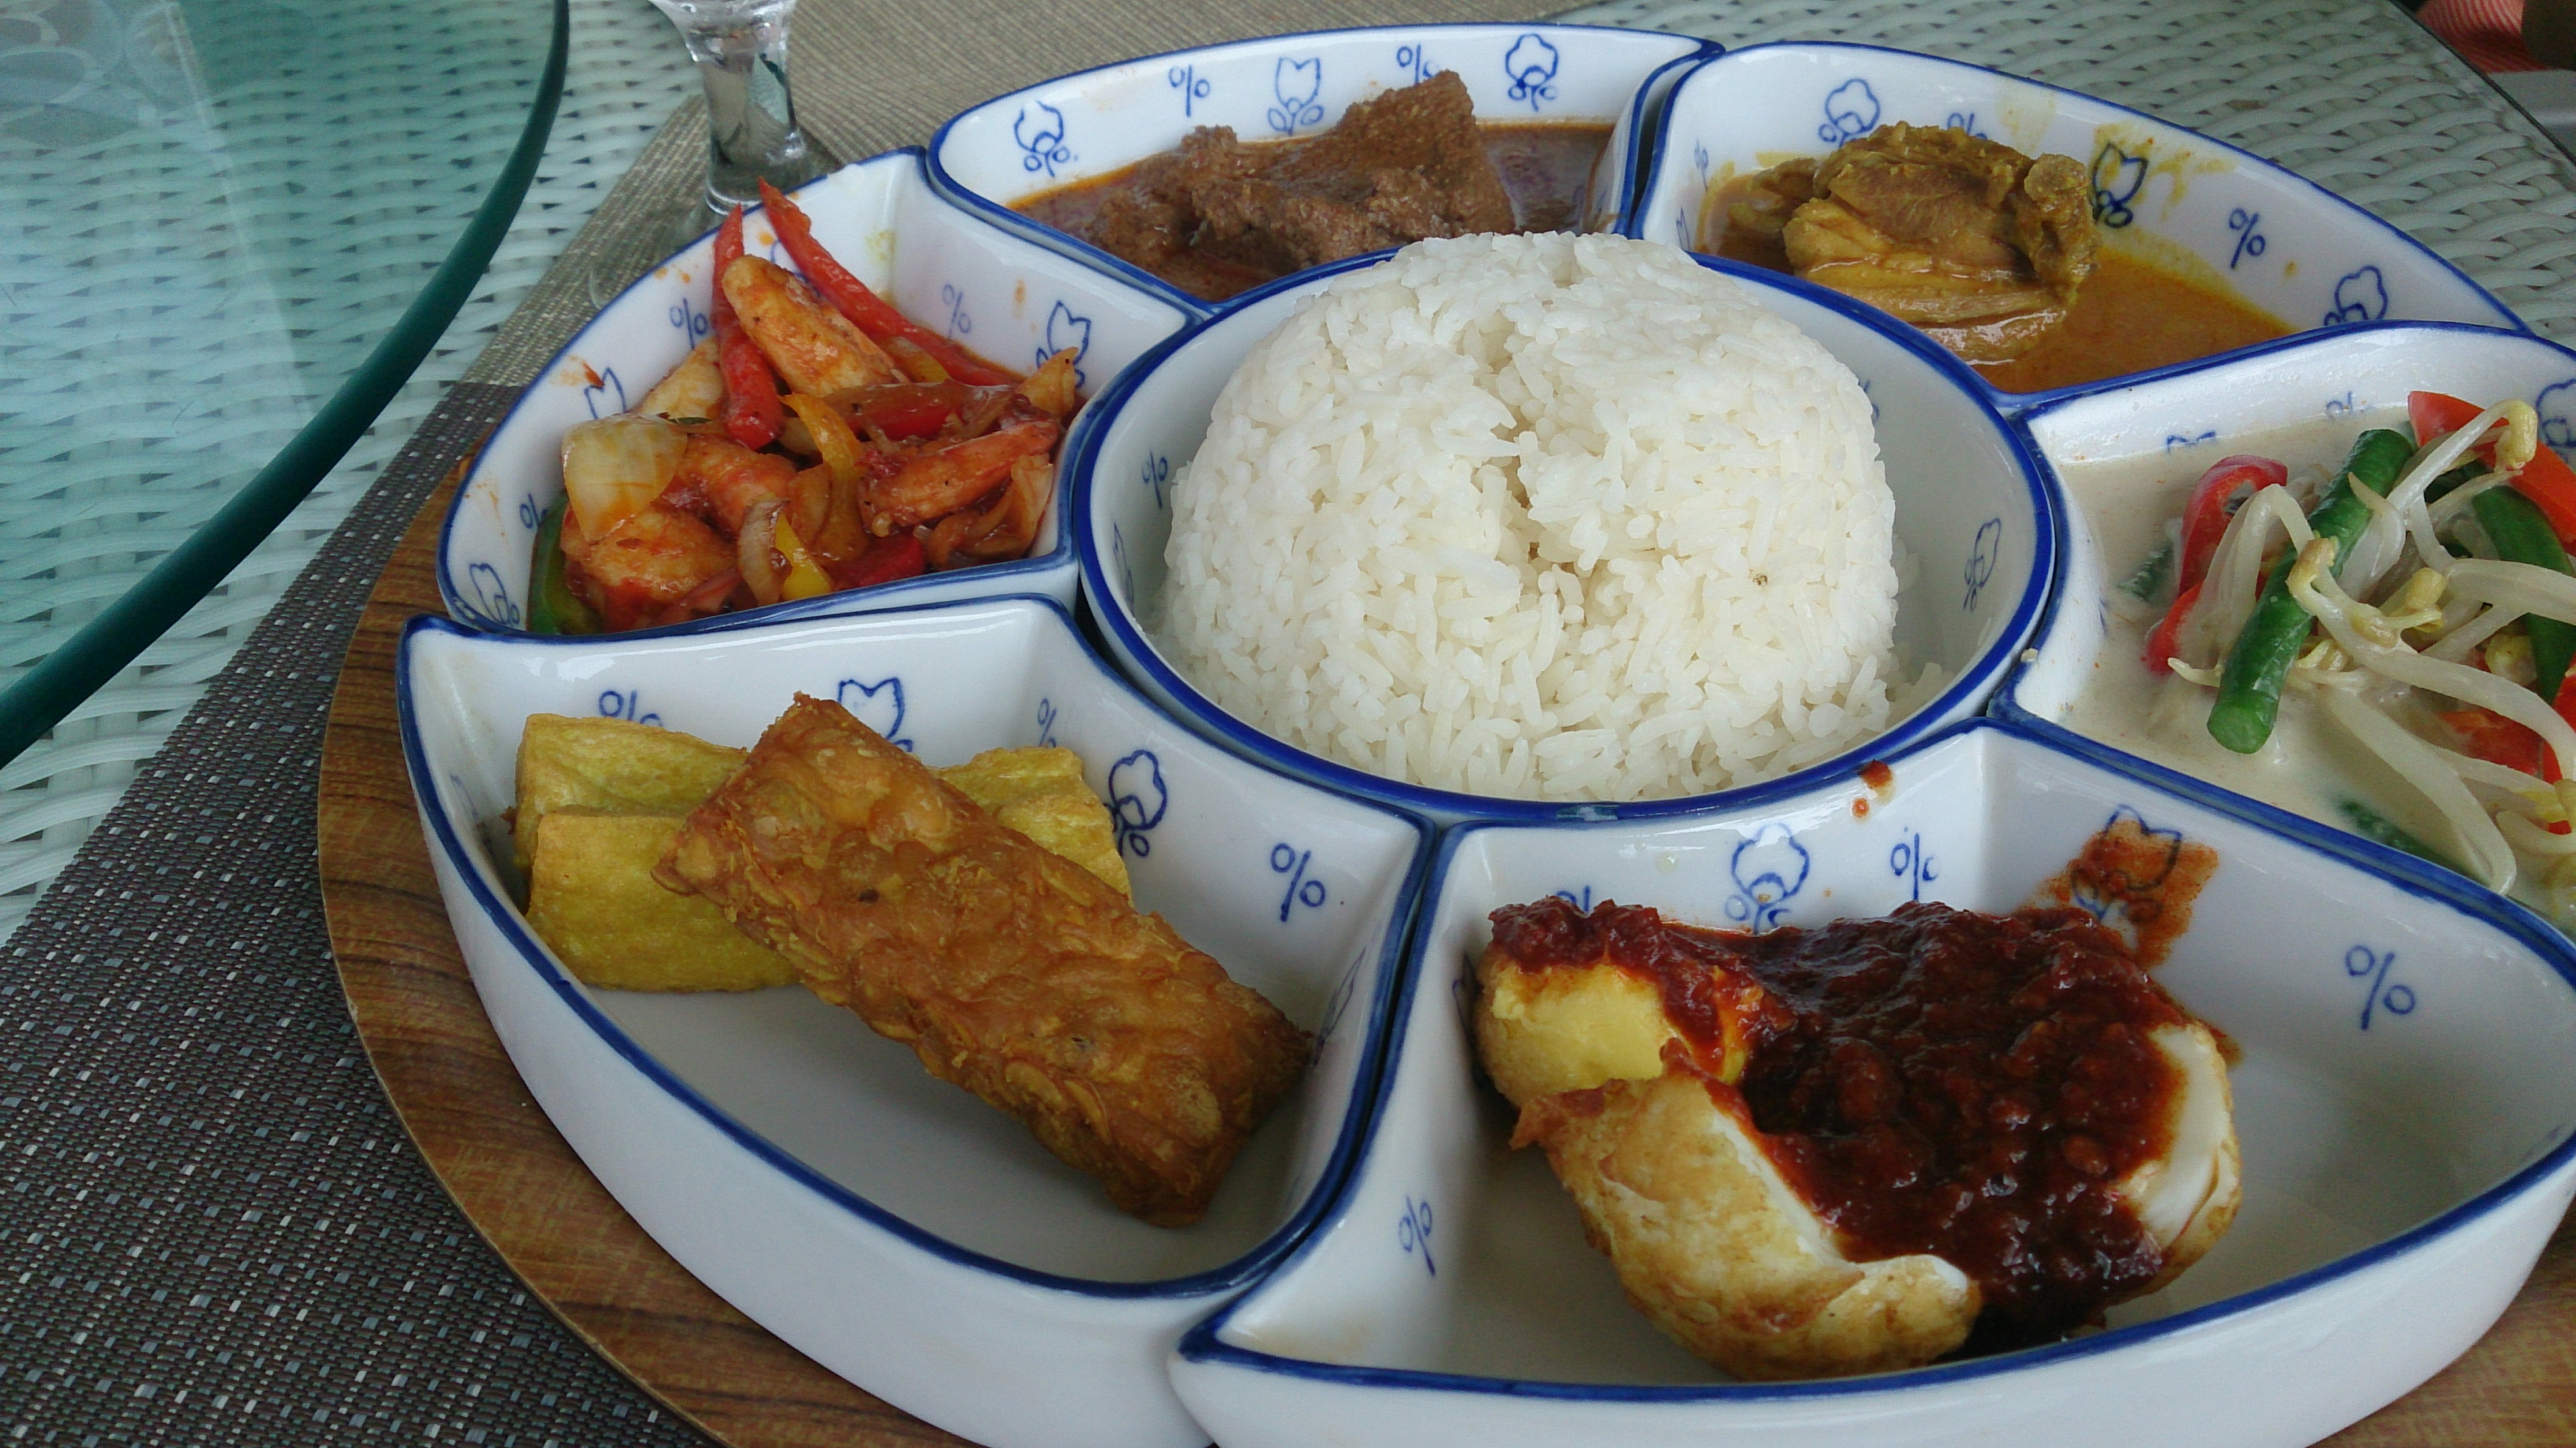 Bedanya Nasi Kapau Dengan Nasi Padang